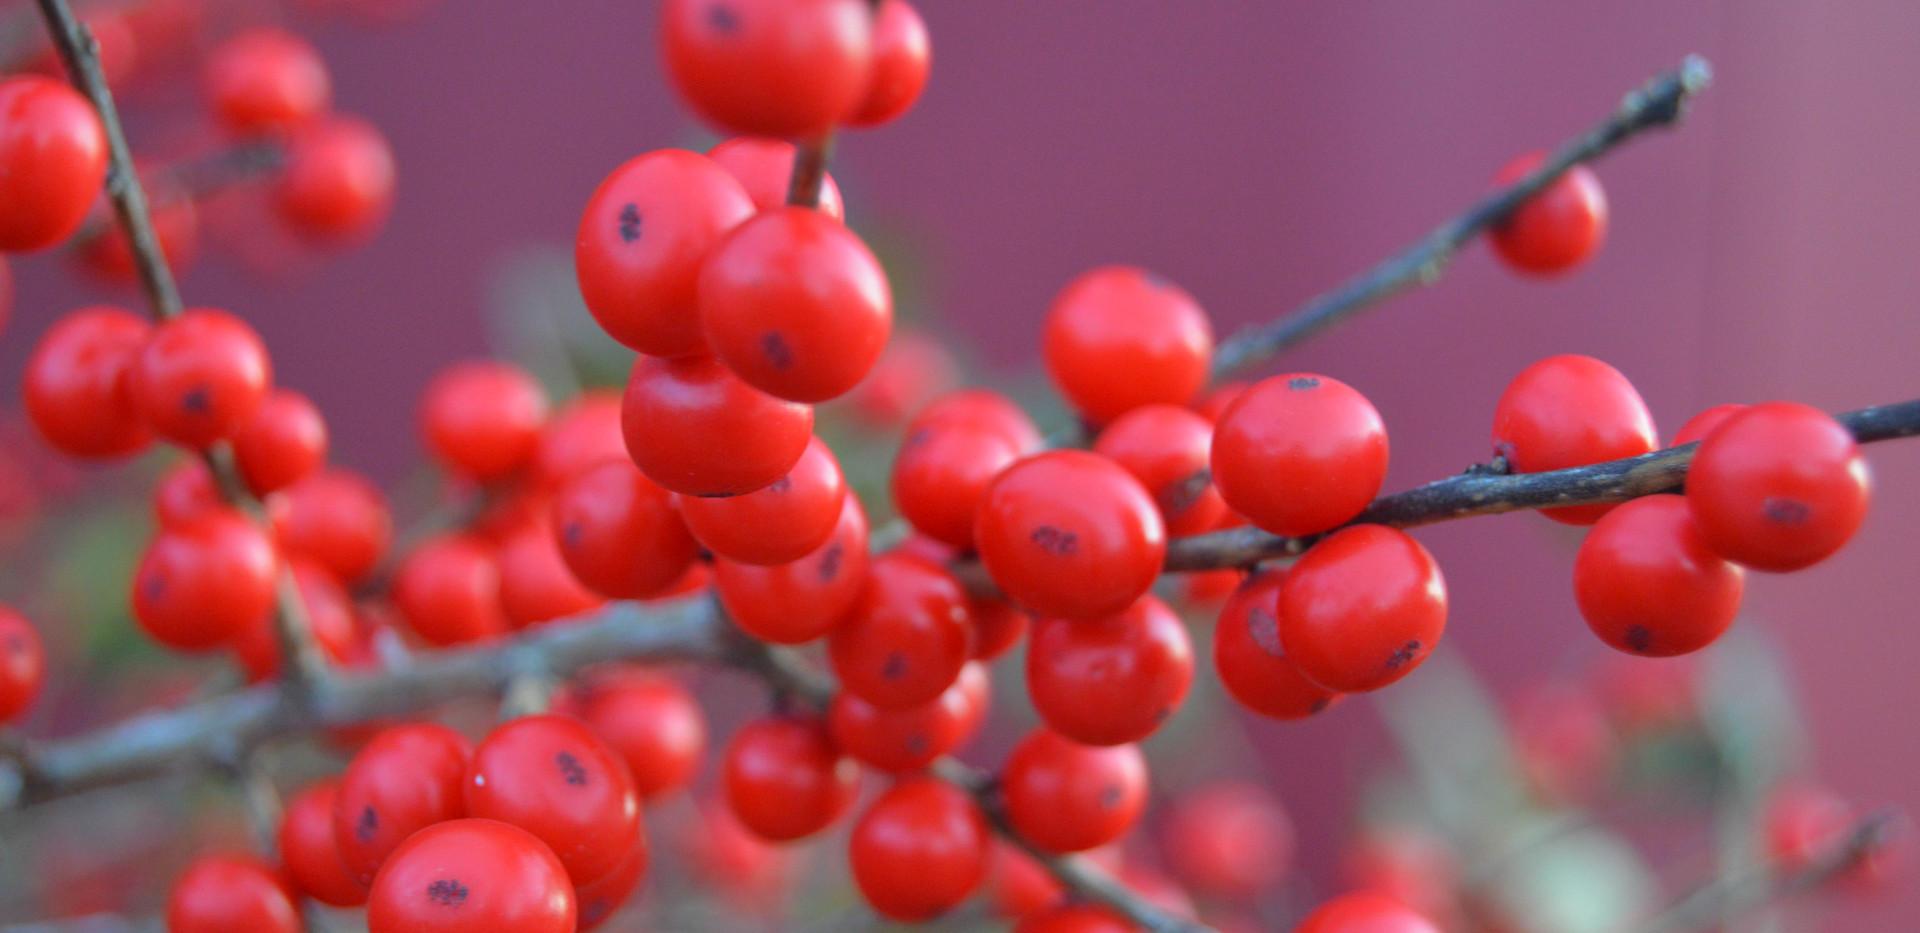 DecemberBerries